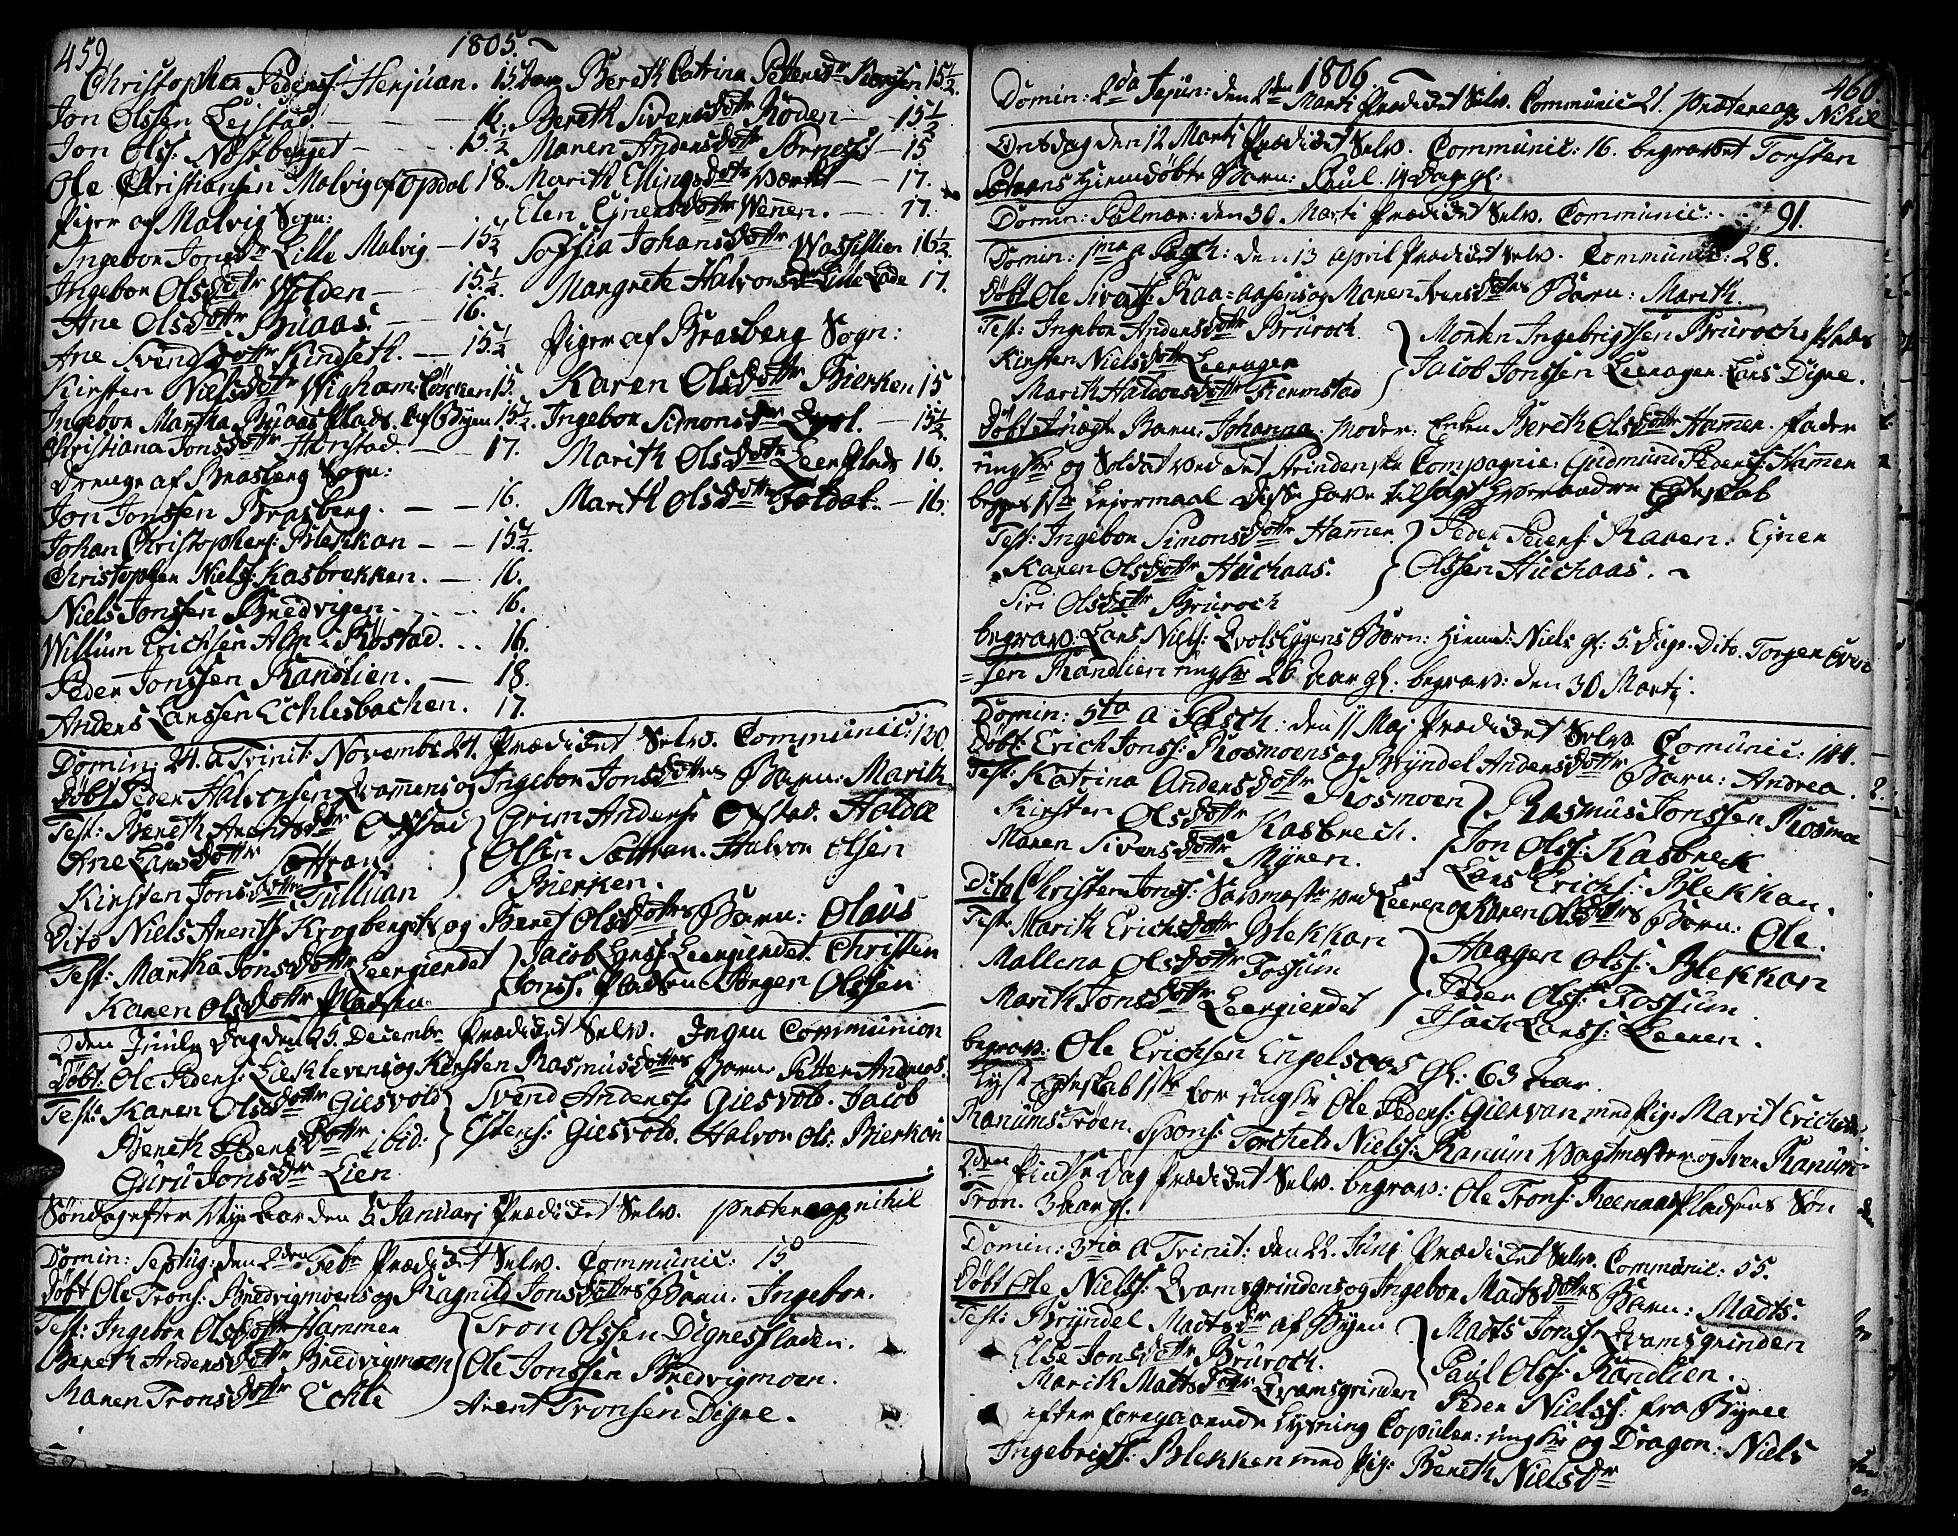 SAT, Ministerialprotokoller, klokkerbøker og fødselsregistre - Sør-Trøndelag, 606/L0282: Ministerialbok nr. 606A02 /3, 1781-1817, s. 459-460